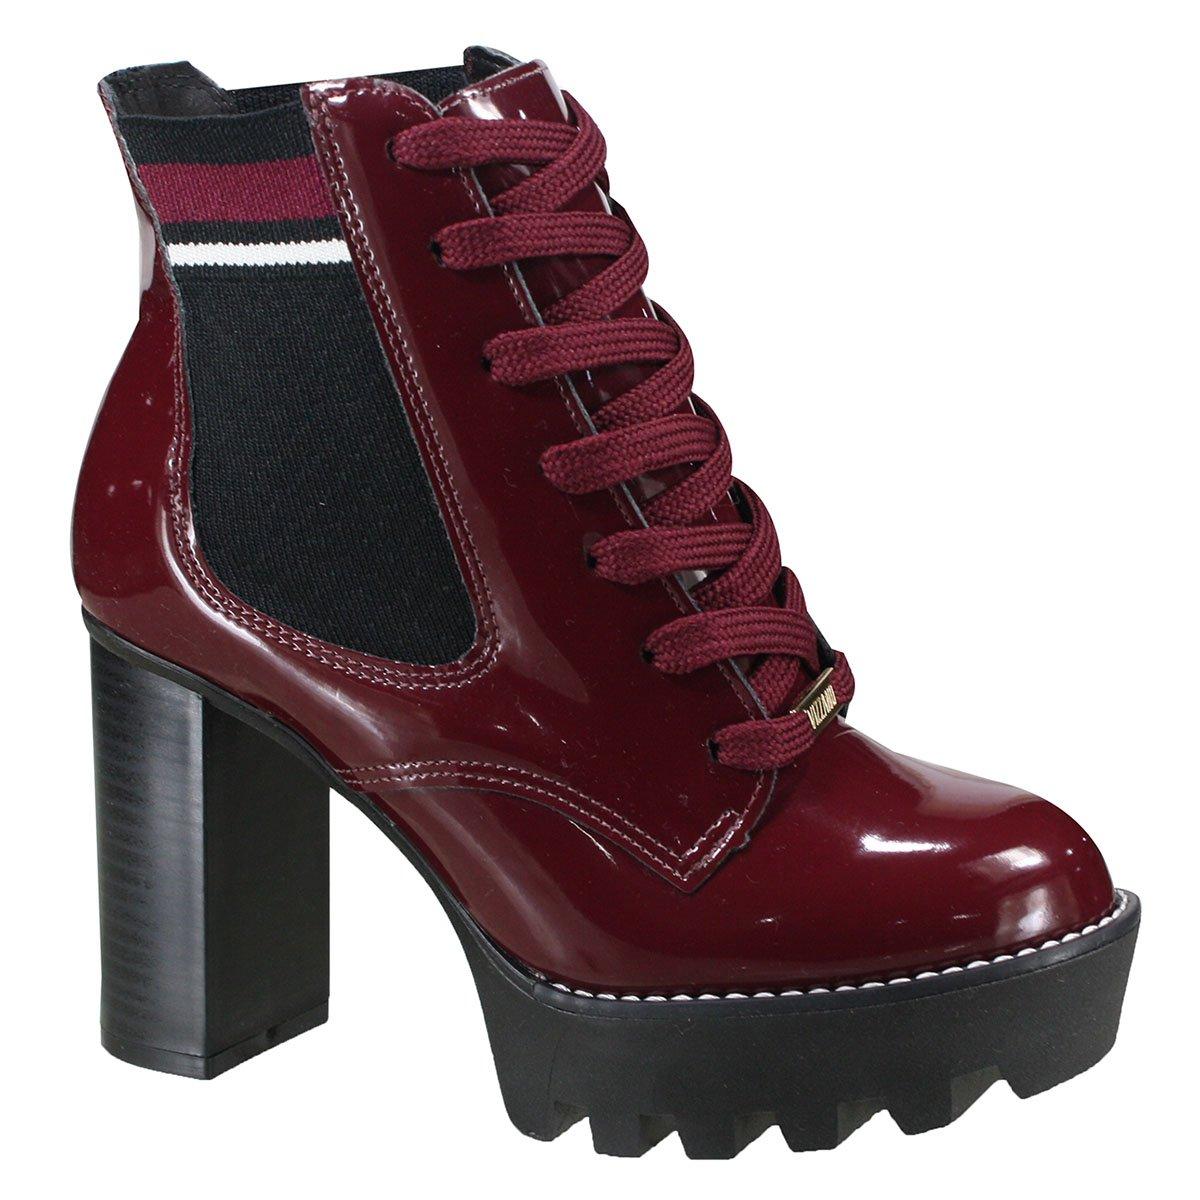 a2996589e9 Bota Vizzano Ankle Boot Feminina 3069.102 17742 66156 - Vinho Preto ...